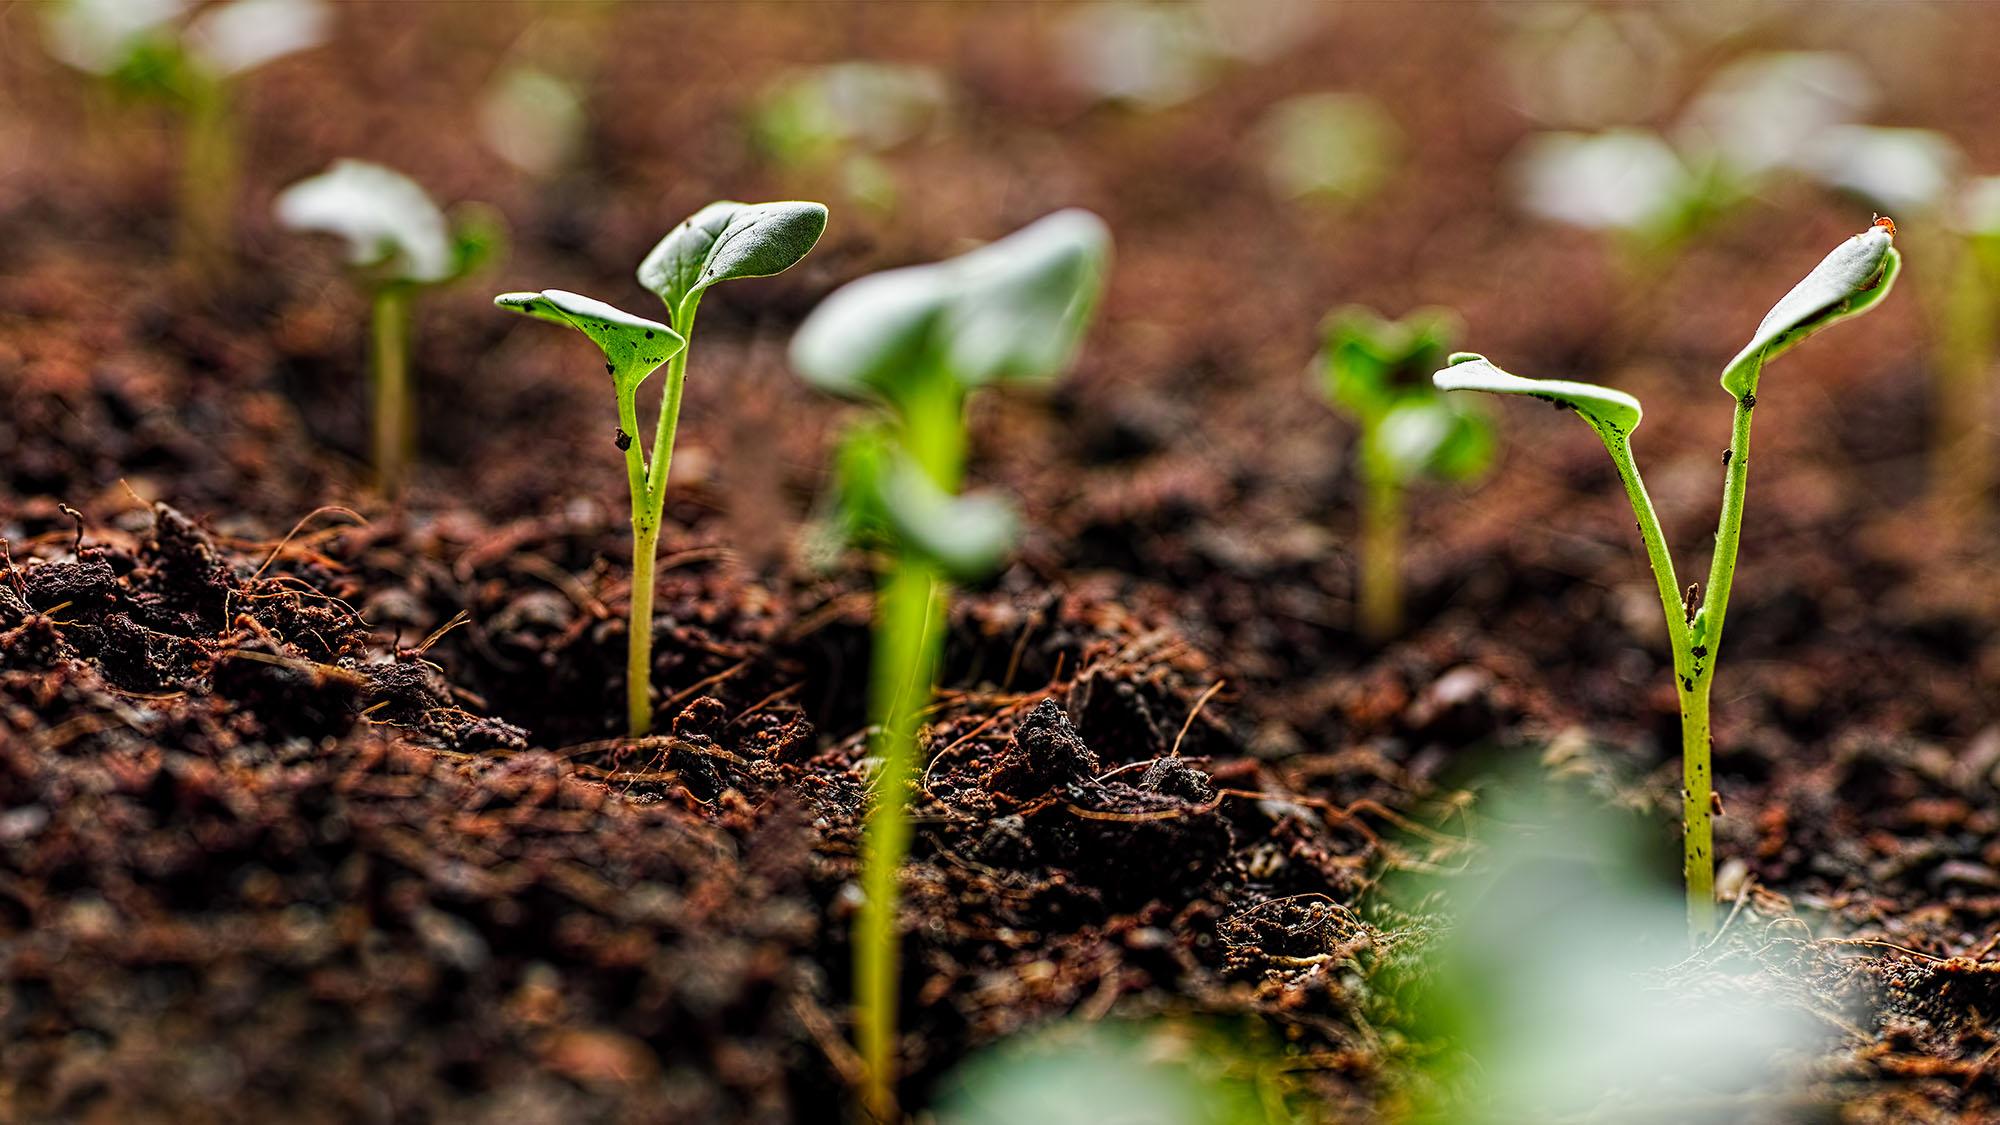 Seedlings in compost